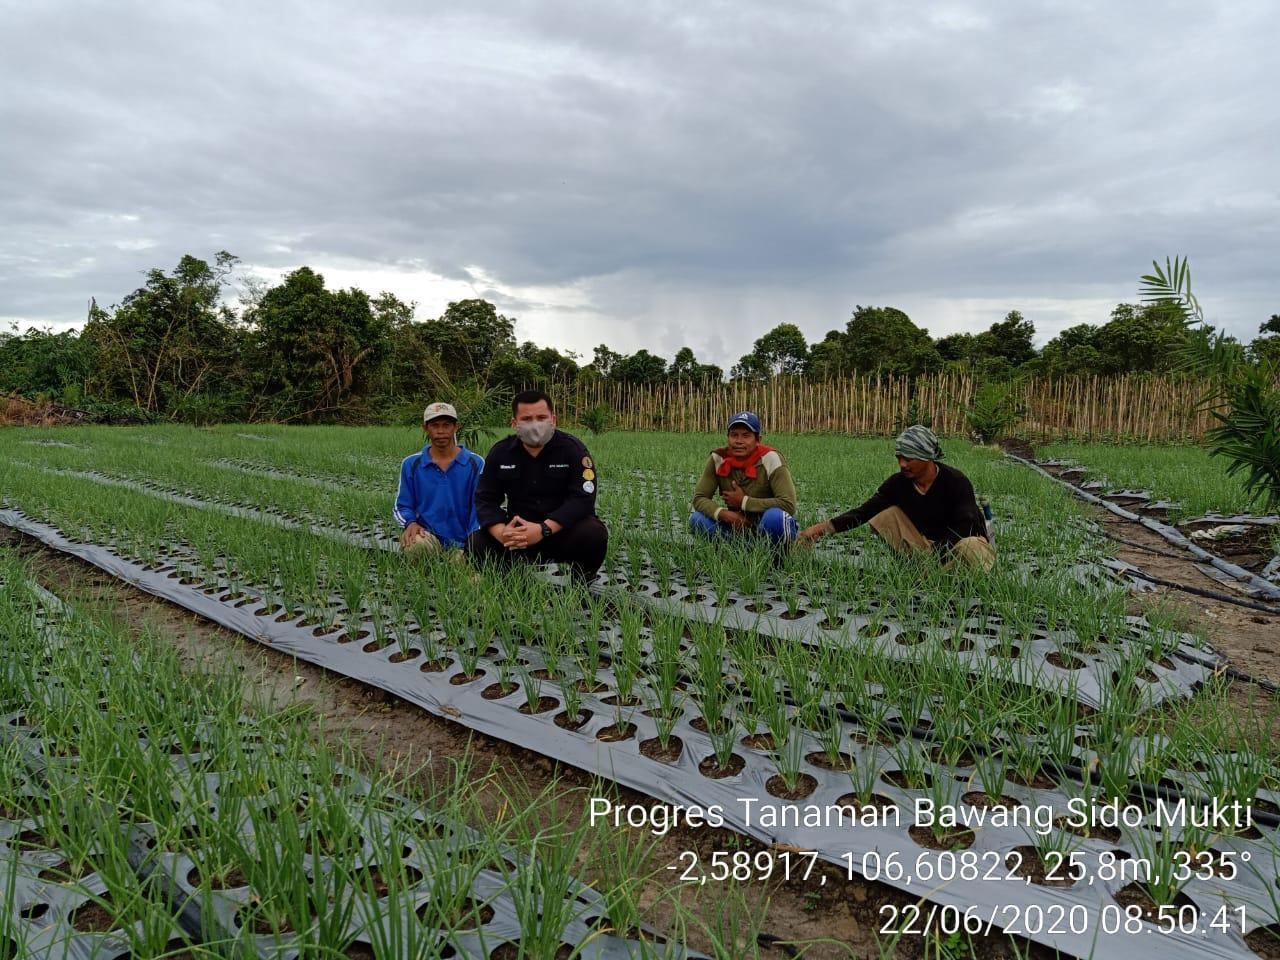 Wujudkan Sentra Holtikultura di Bateng, Pemdes Lubuk Pabrik dan Penyuluh Fokus Pembinaan Poktan